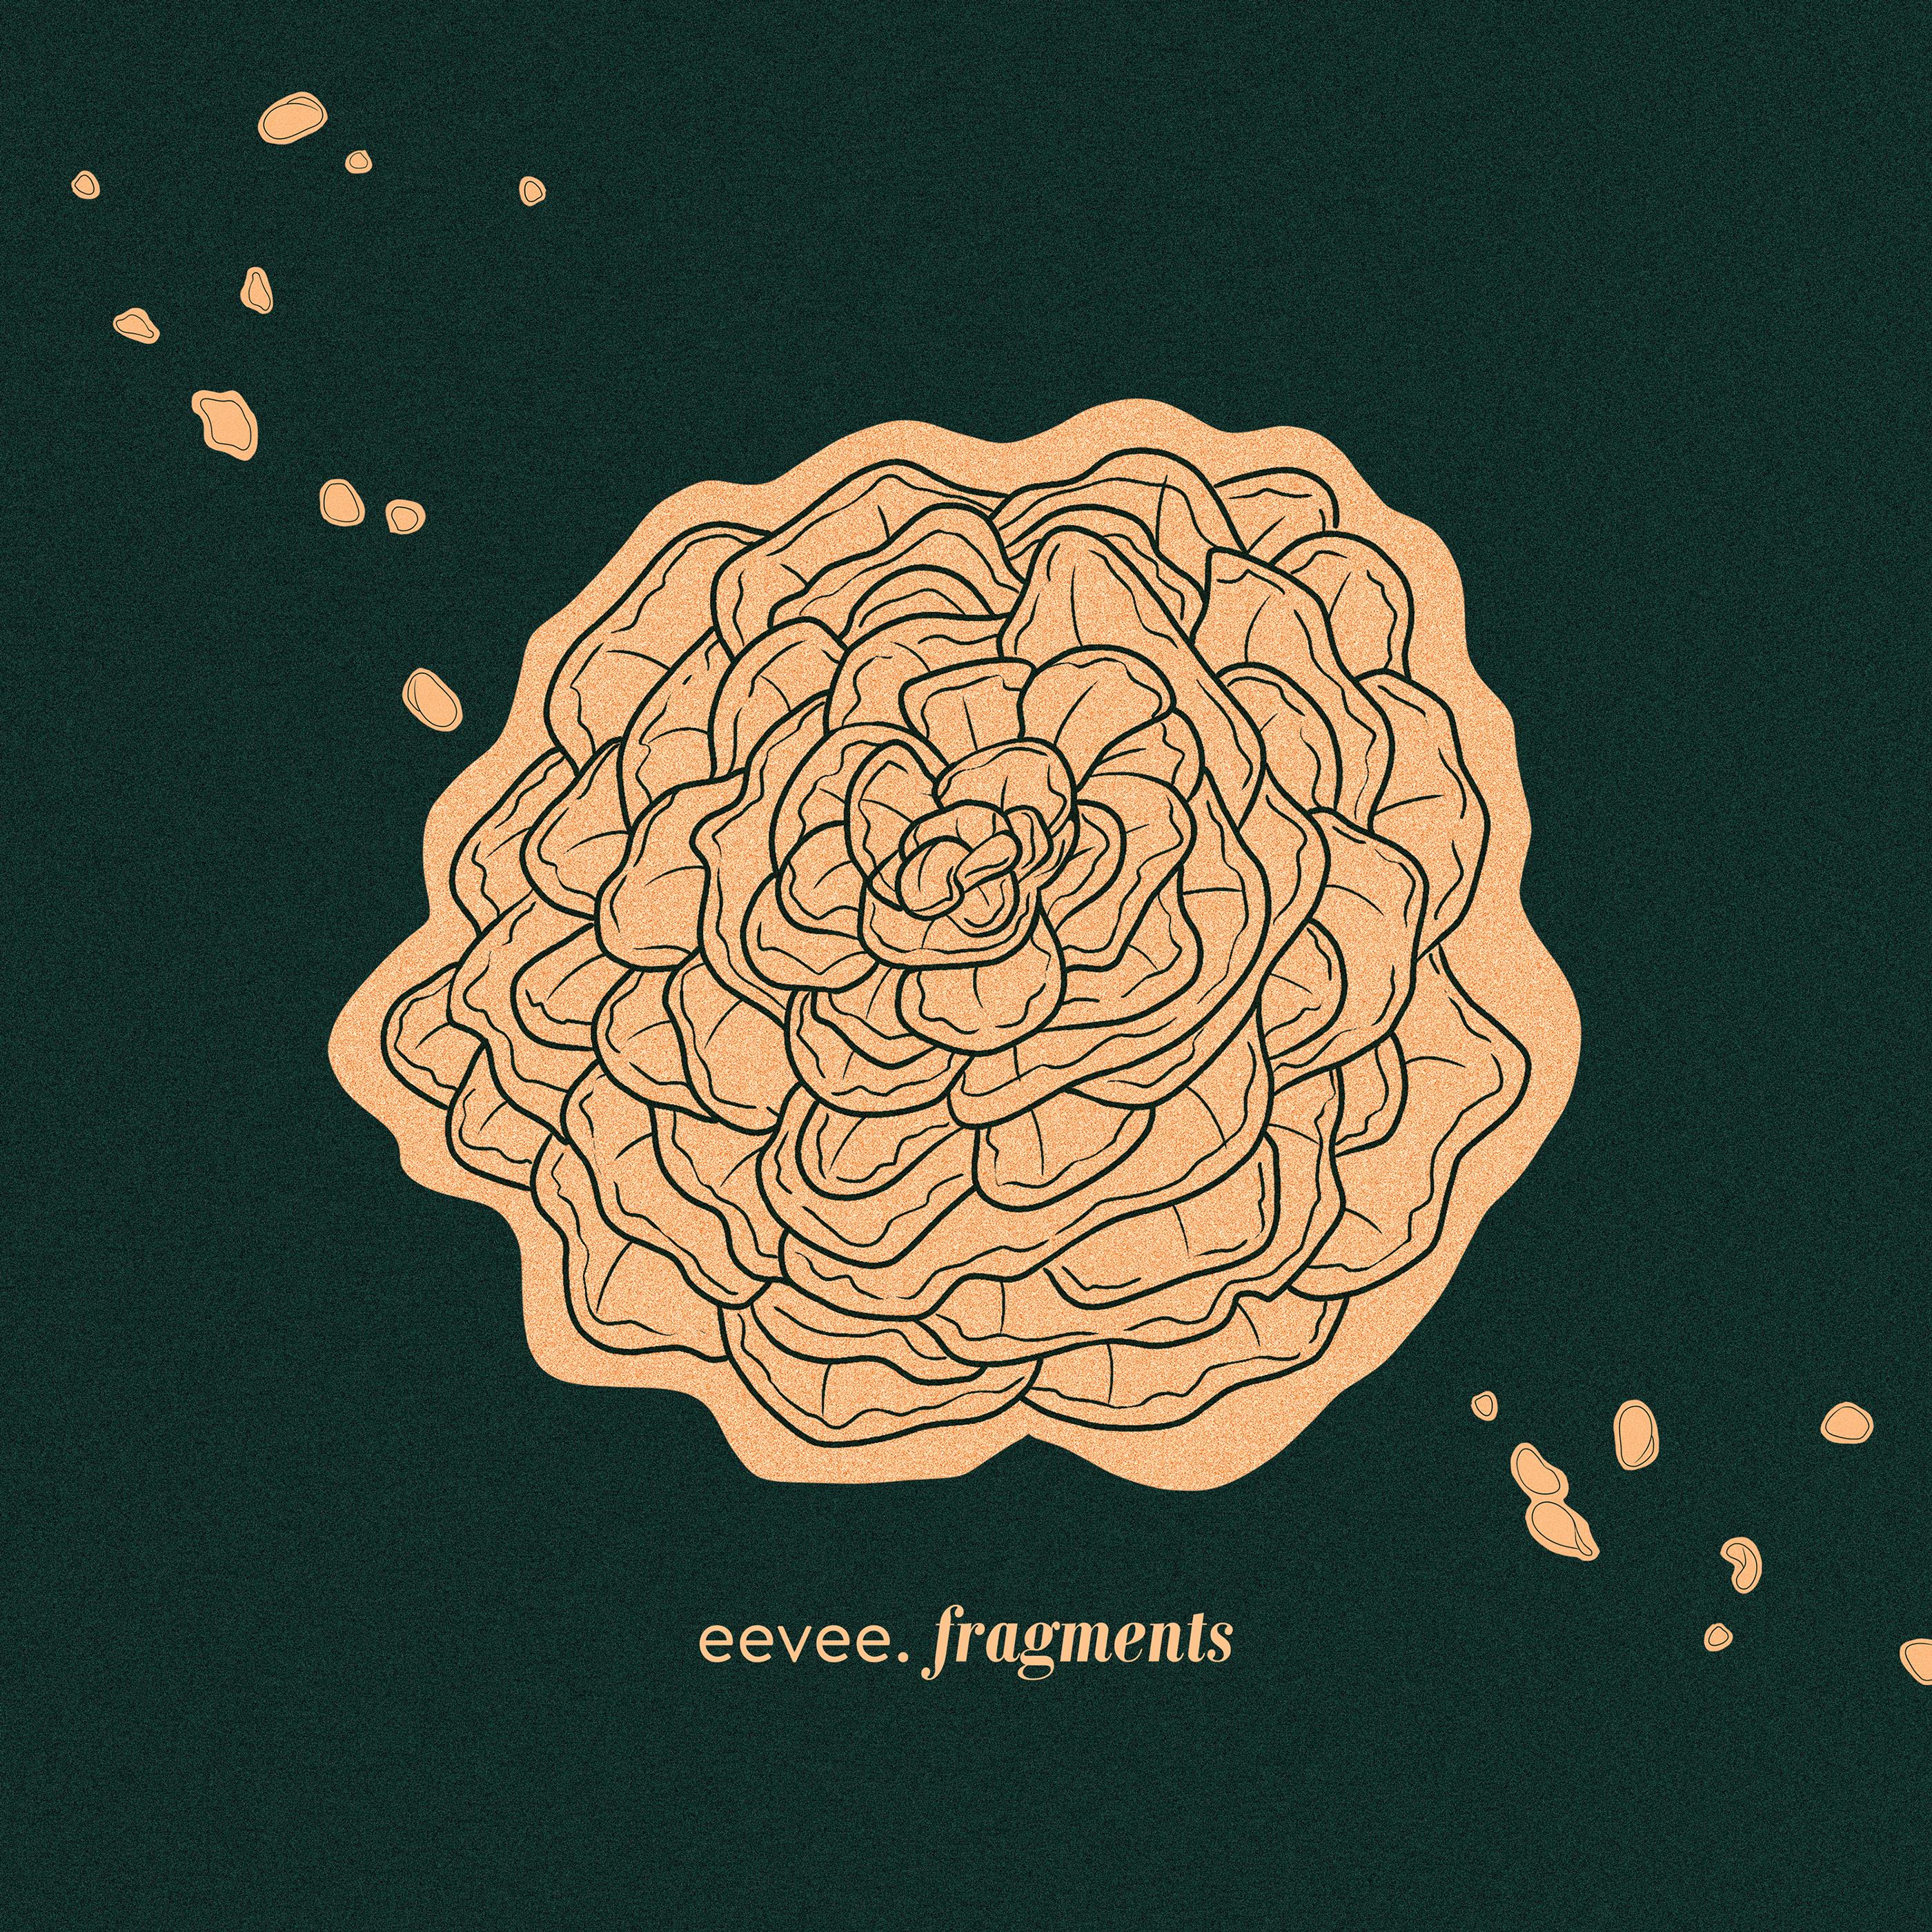 Eevee Album Artwork on Behance